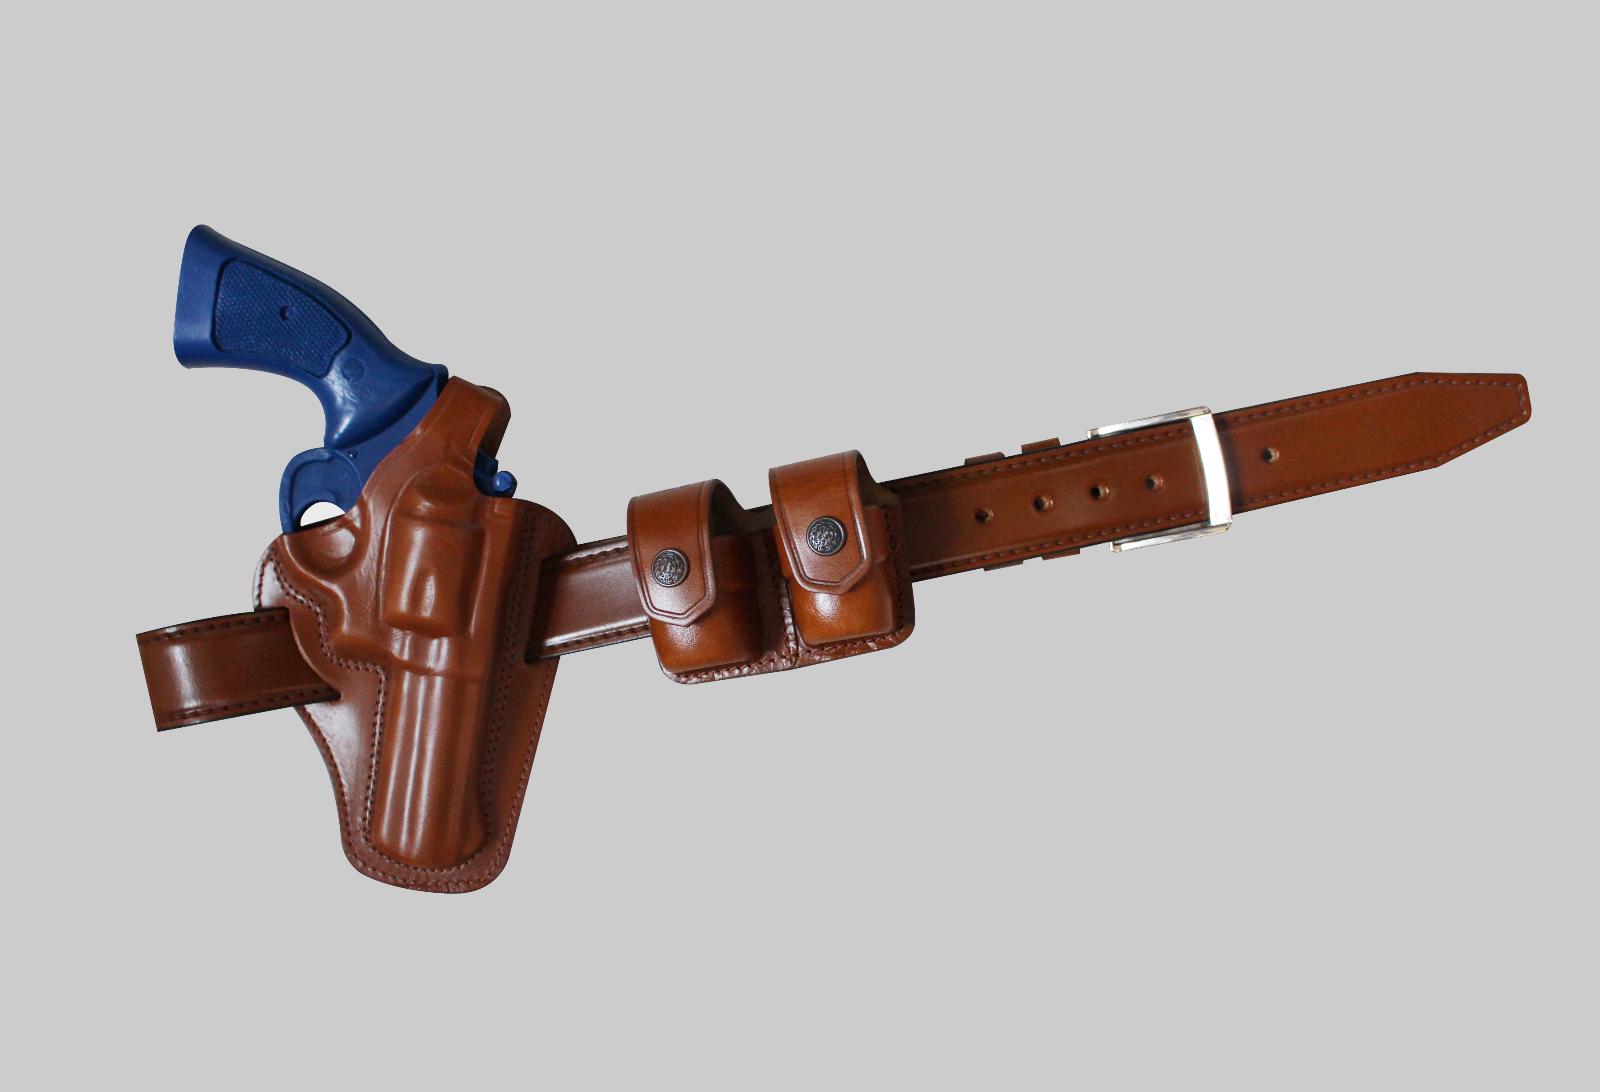 KB30538 COMBO For 357 Magnum Pancake Holster & Double Speedloader Case & Belt